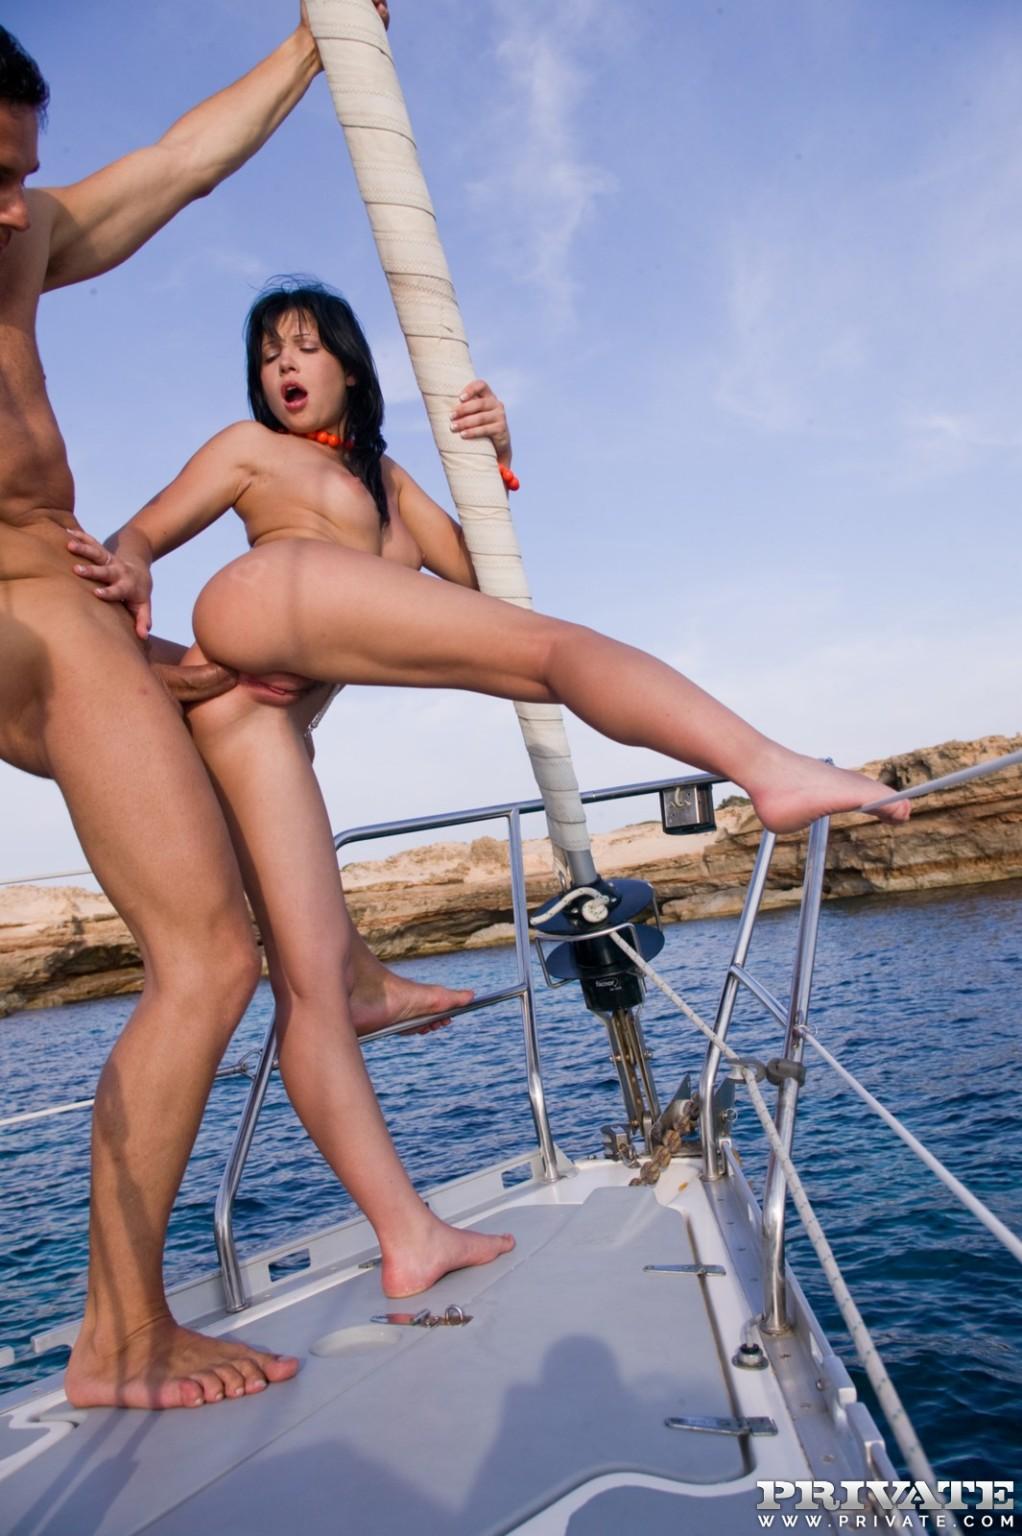 секс с красивыми брюнетками на яхте